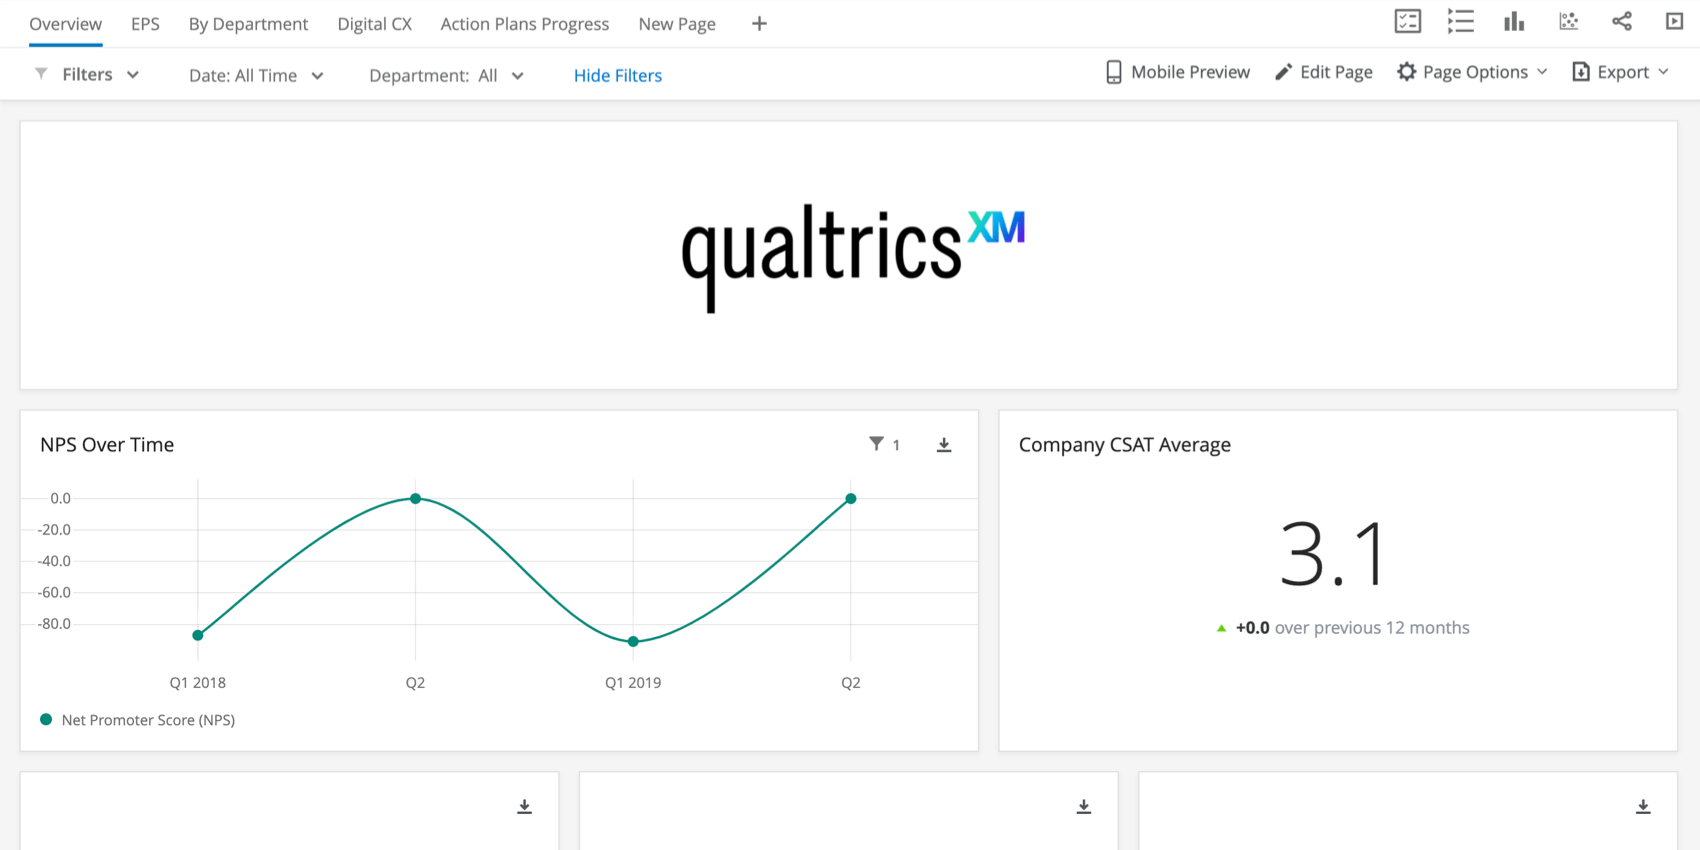 Qualtrics XM Logo in einem Widget im oberen Bereich eines Dashboards